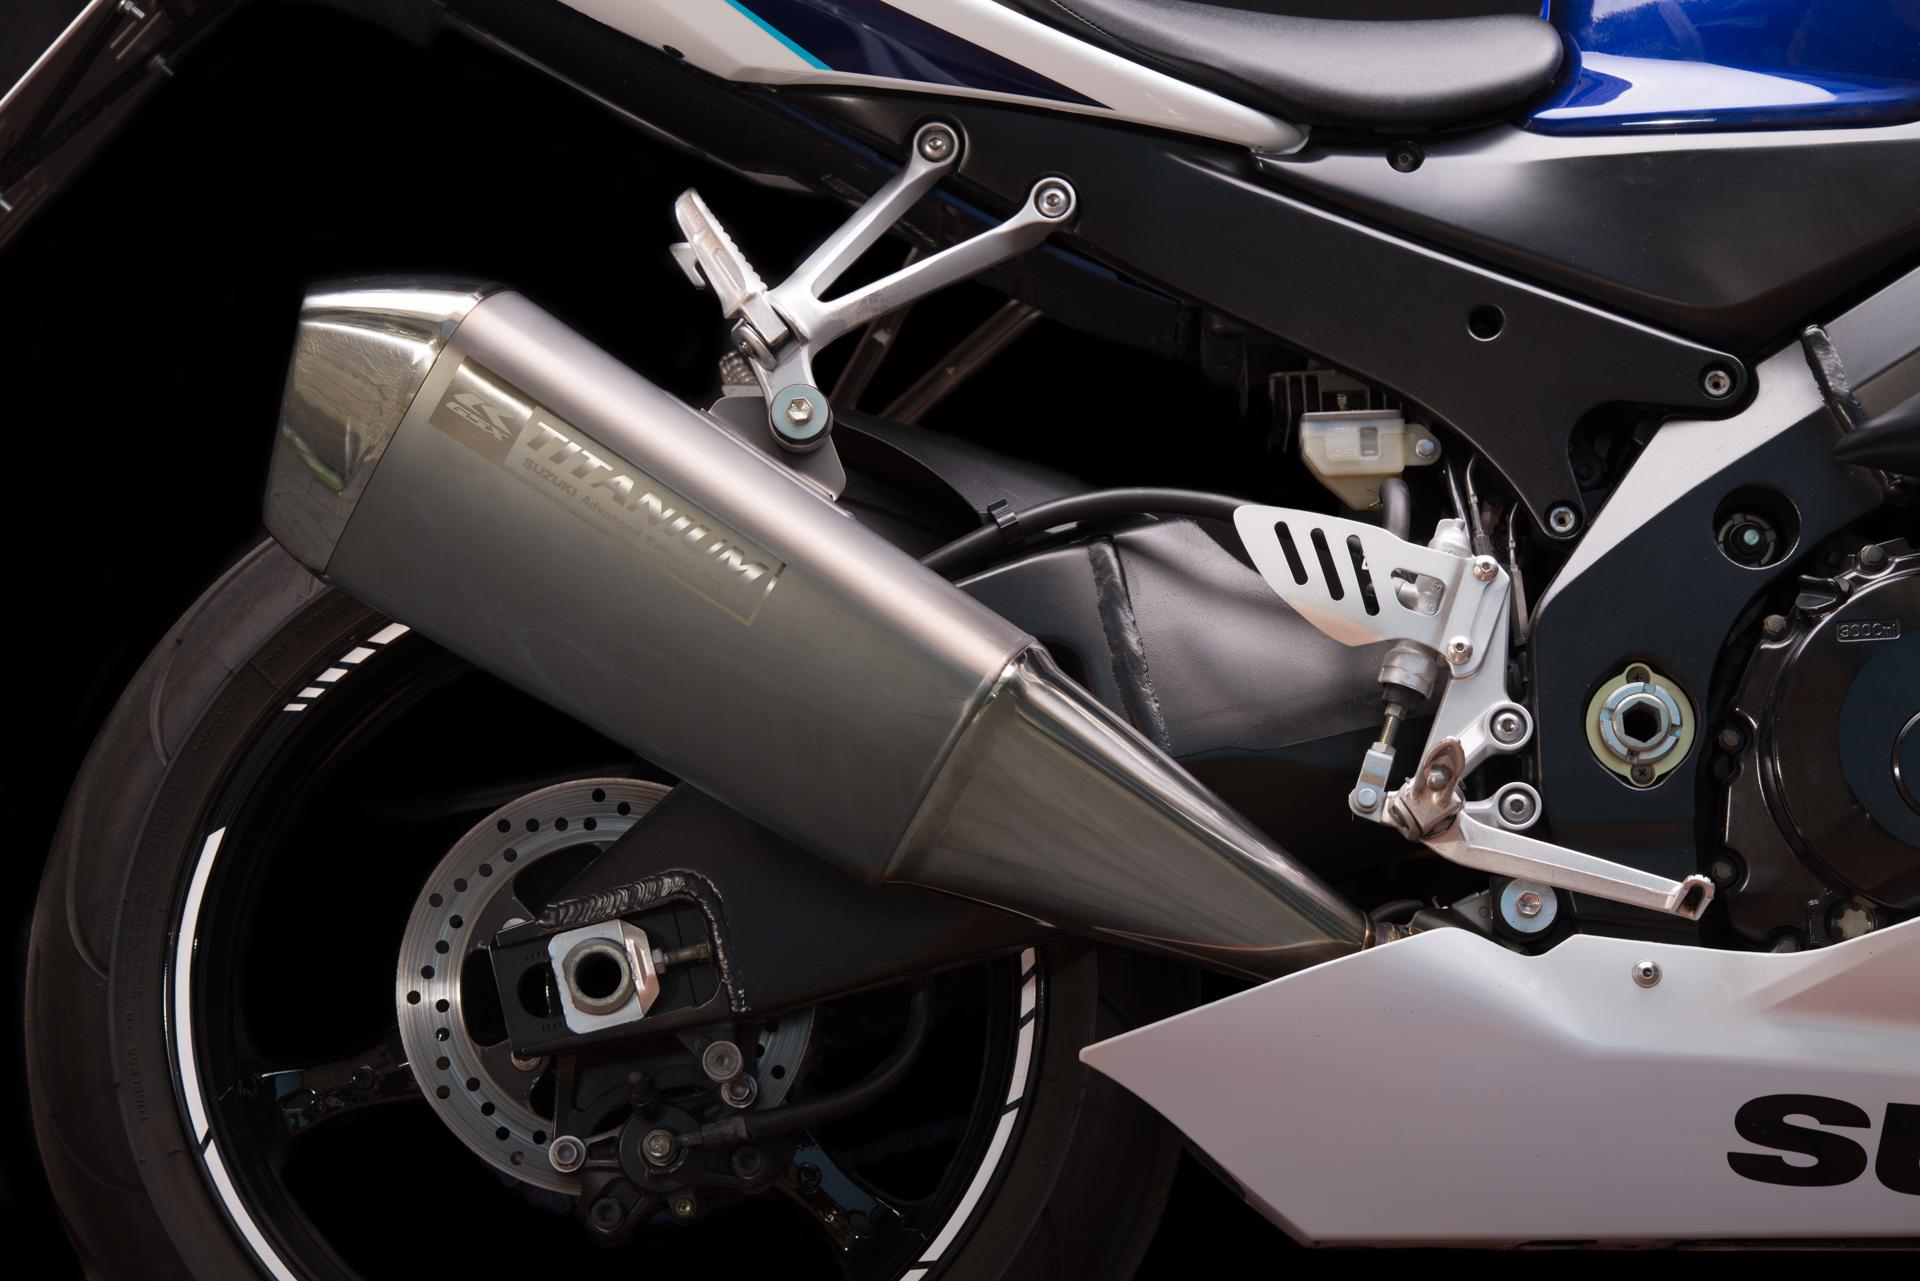 Studio Shoot, Part 4: Suzuki GSX-R 1000